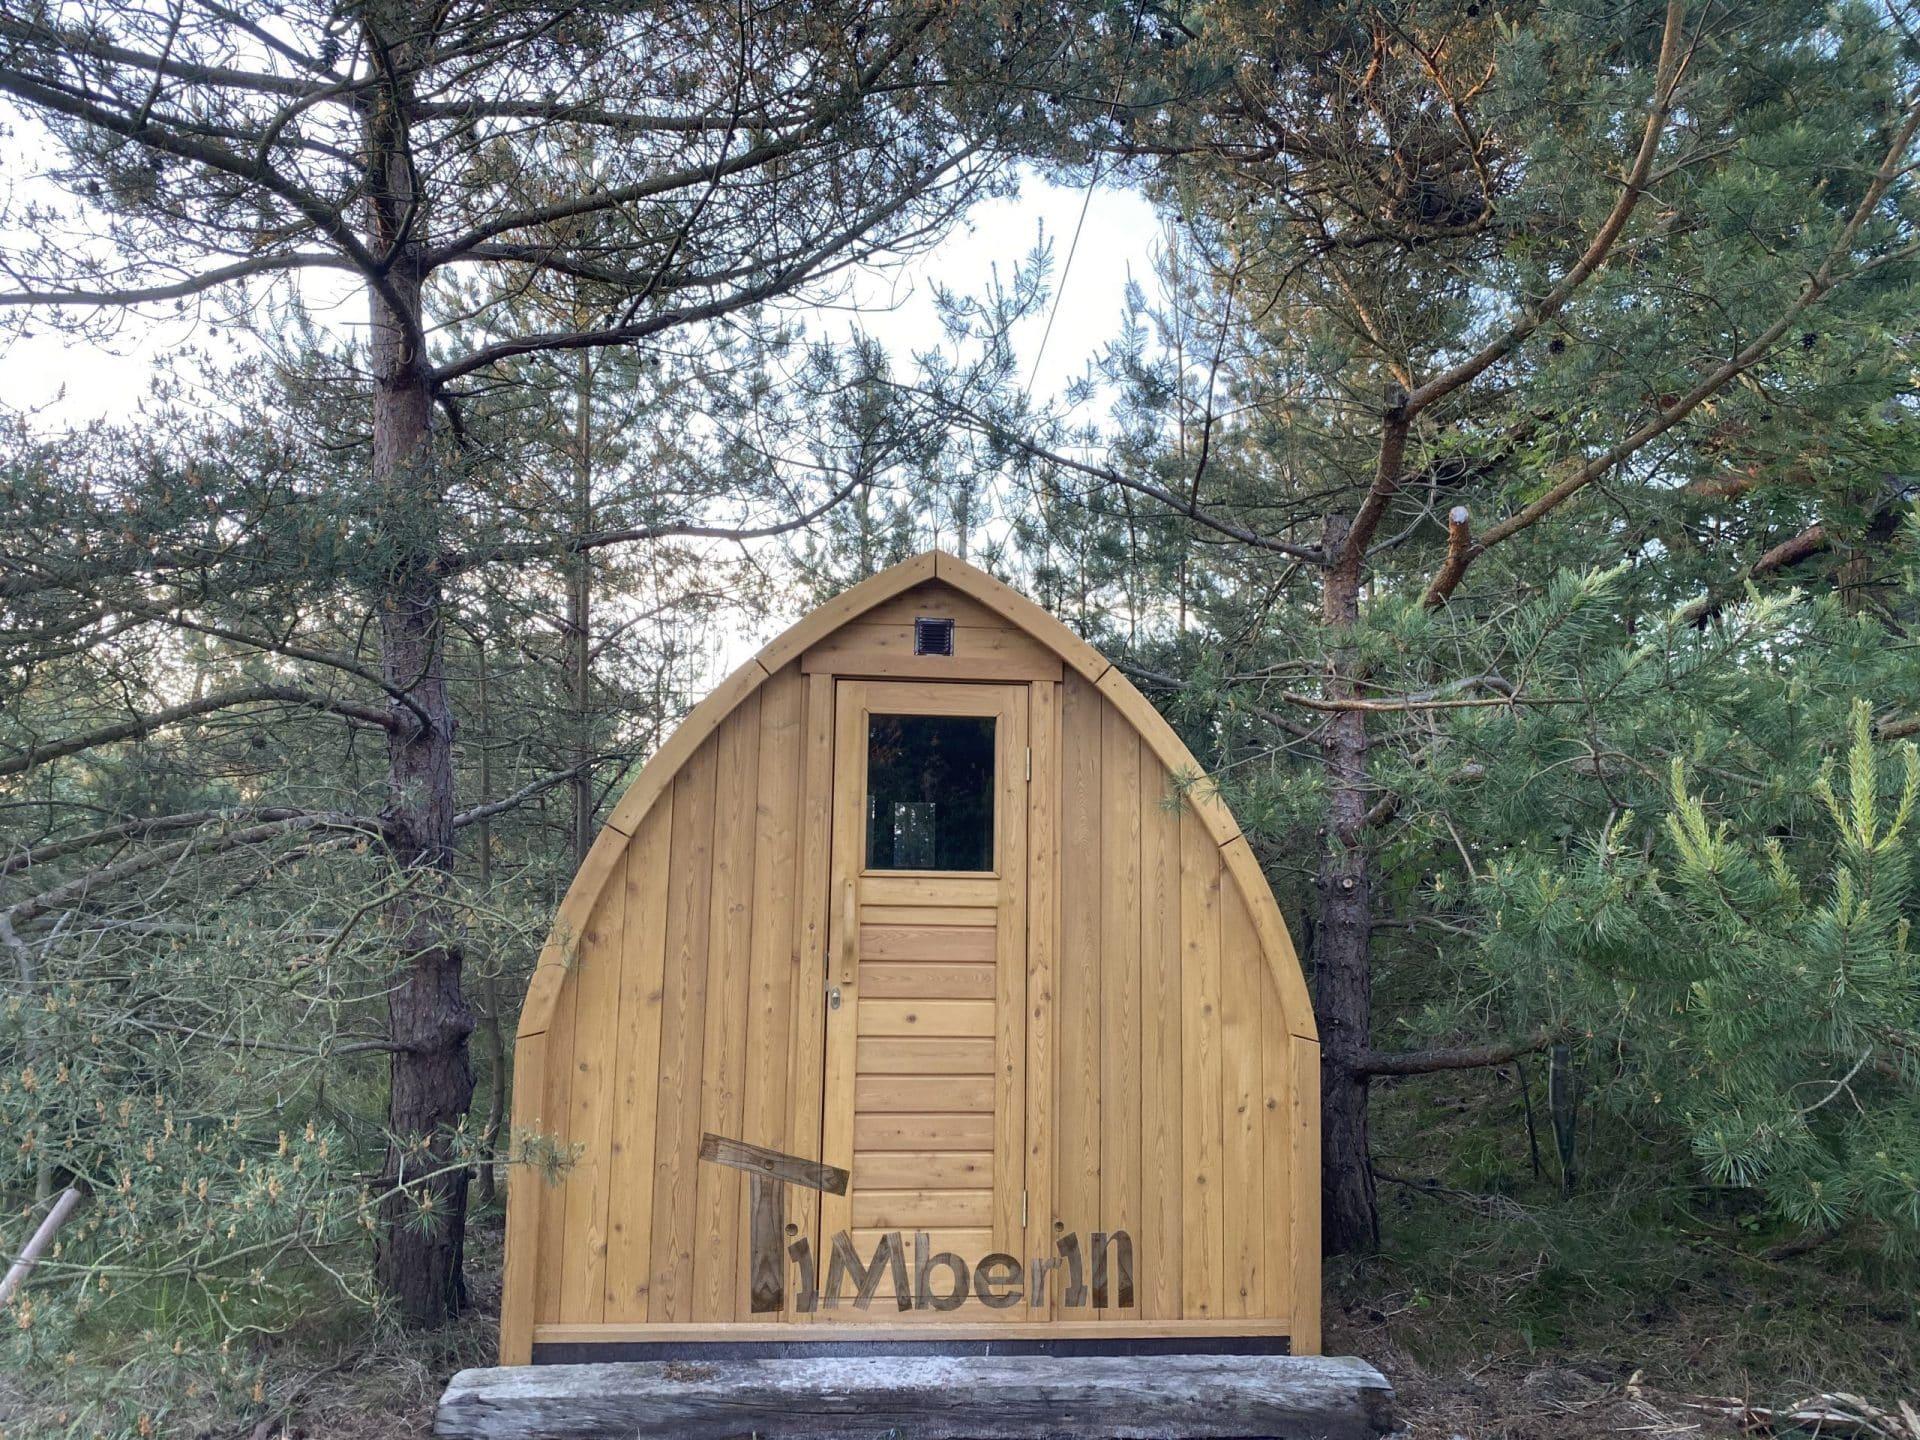 Außensauna-Gartensauna-Iglu-Pod-mit-Holzofen-Elektrisch-Jörg-Ostseebad-Prerow-Deutschland-scaled Bewertungen - Erfahrung TimberIN